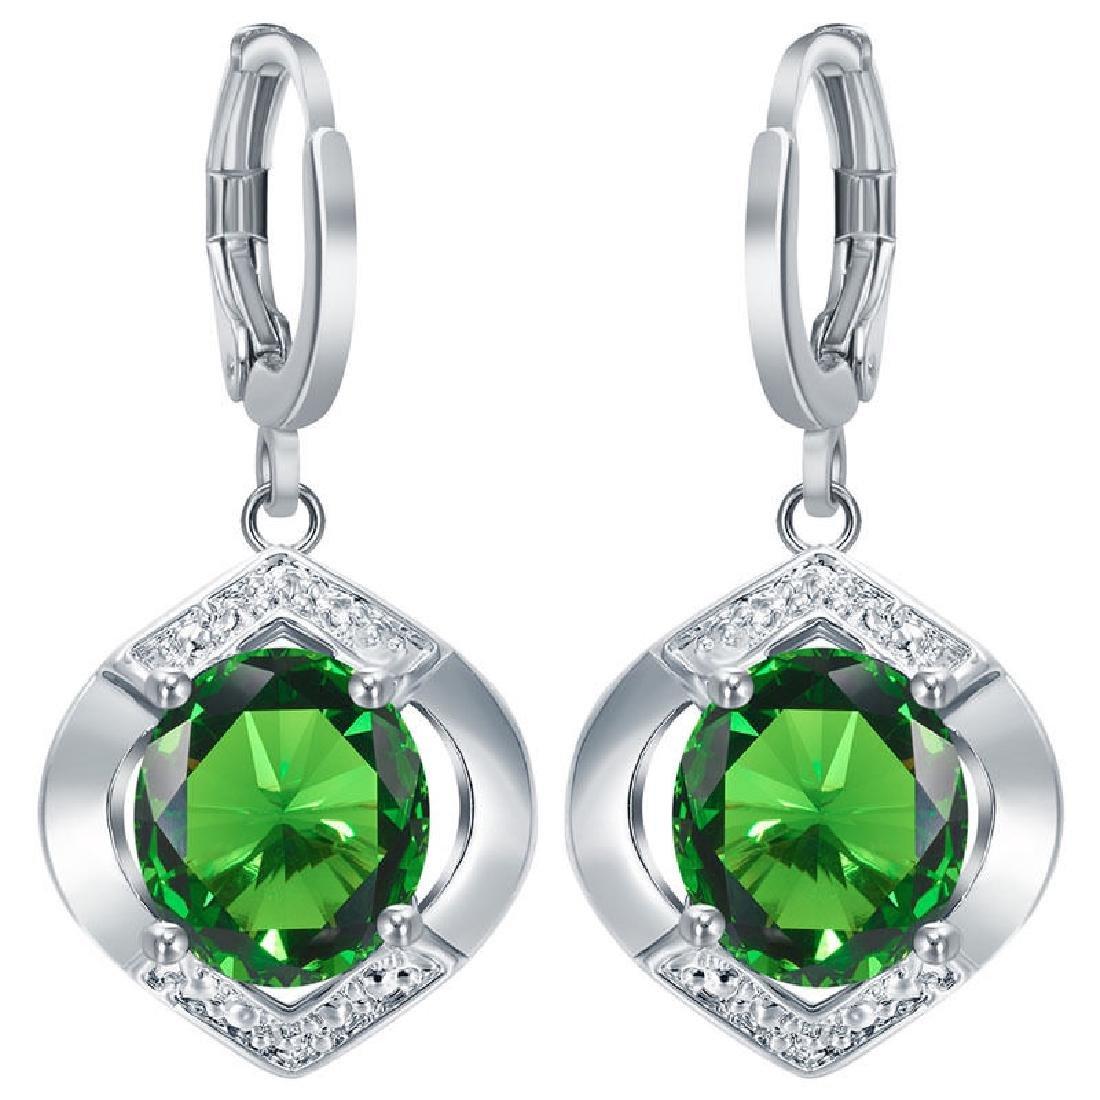 925 Silver CZ Emerald Ear Stud Dangle Hoop Earrings